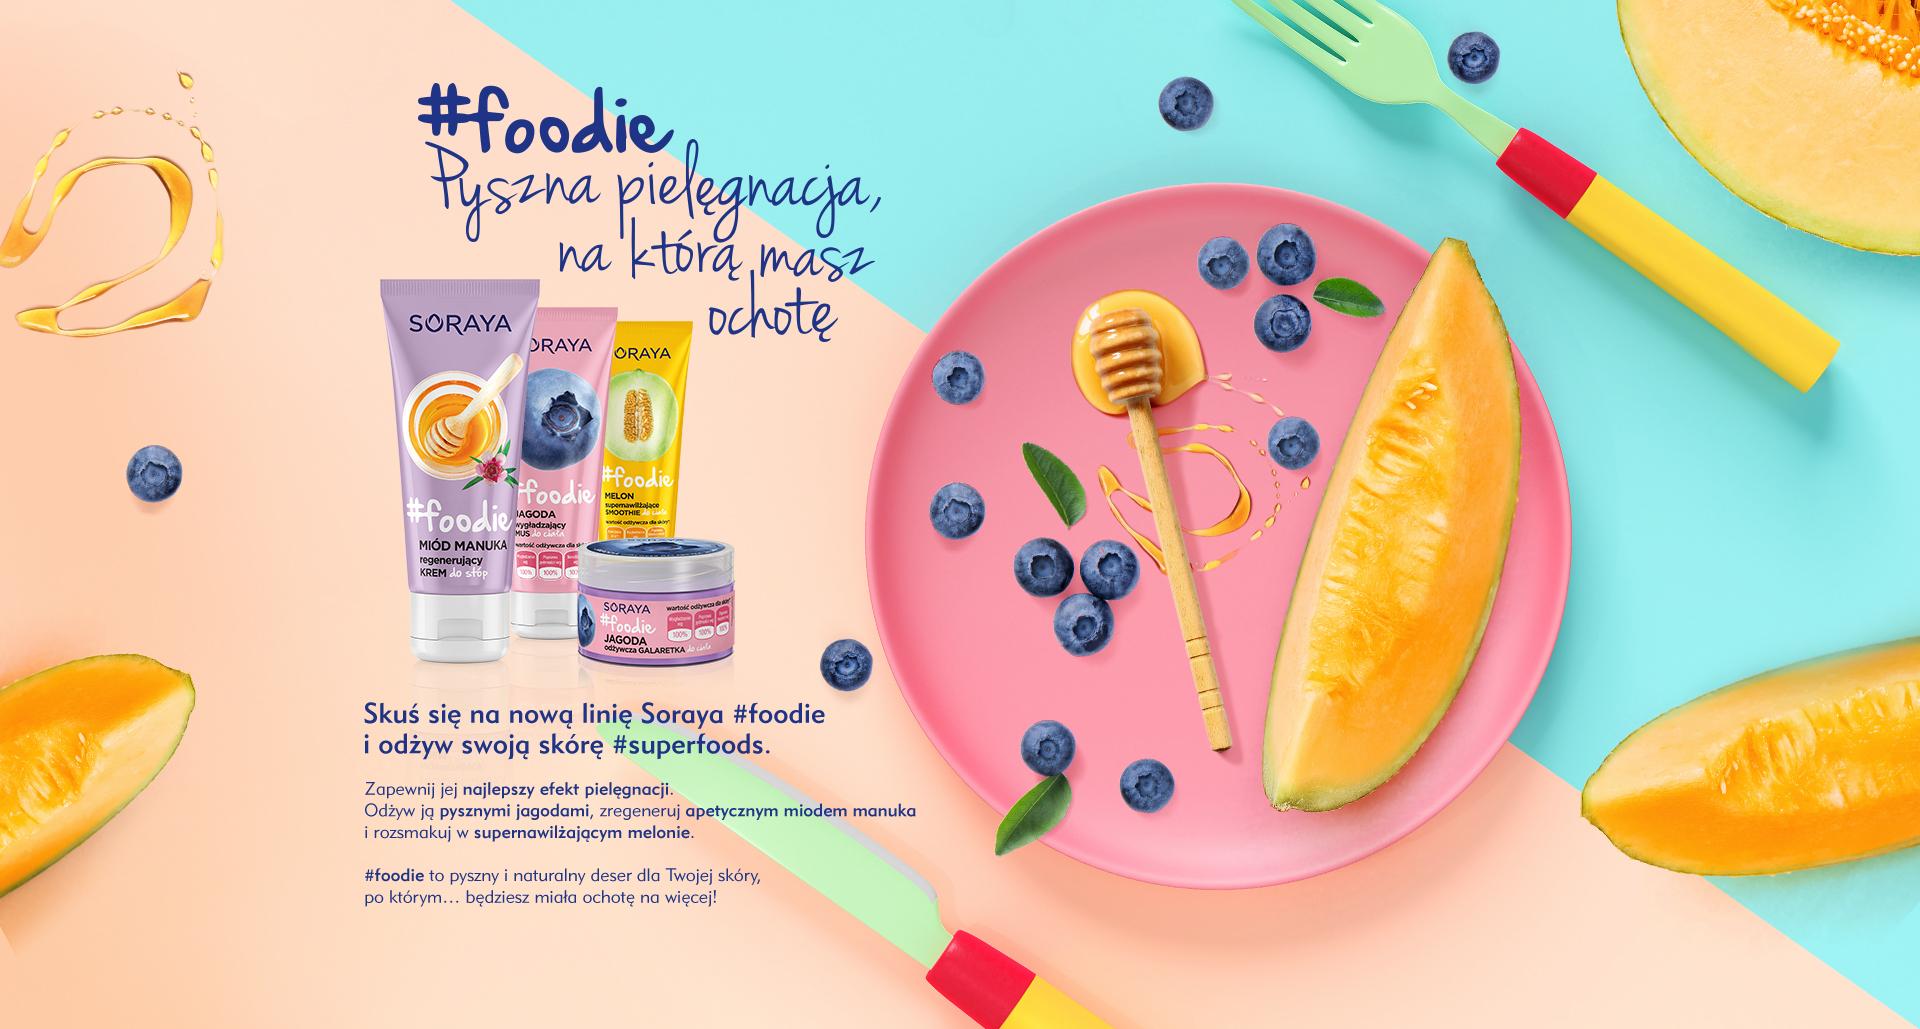 Soraya foodie kosmetyki nawilżające